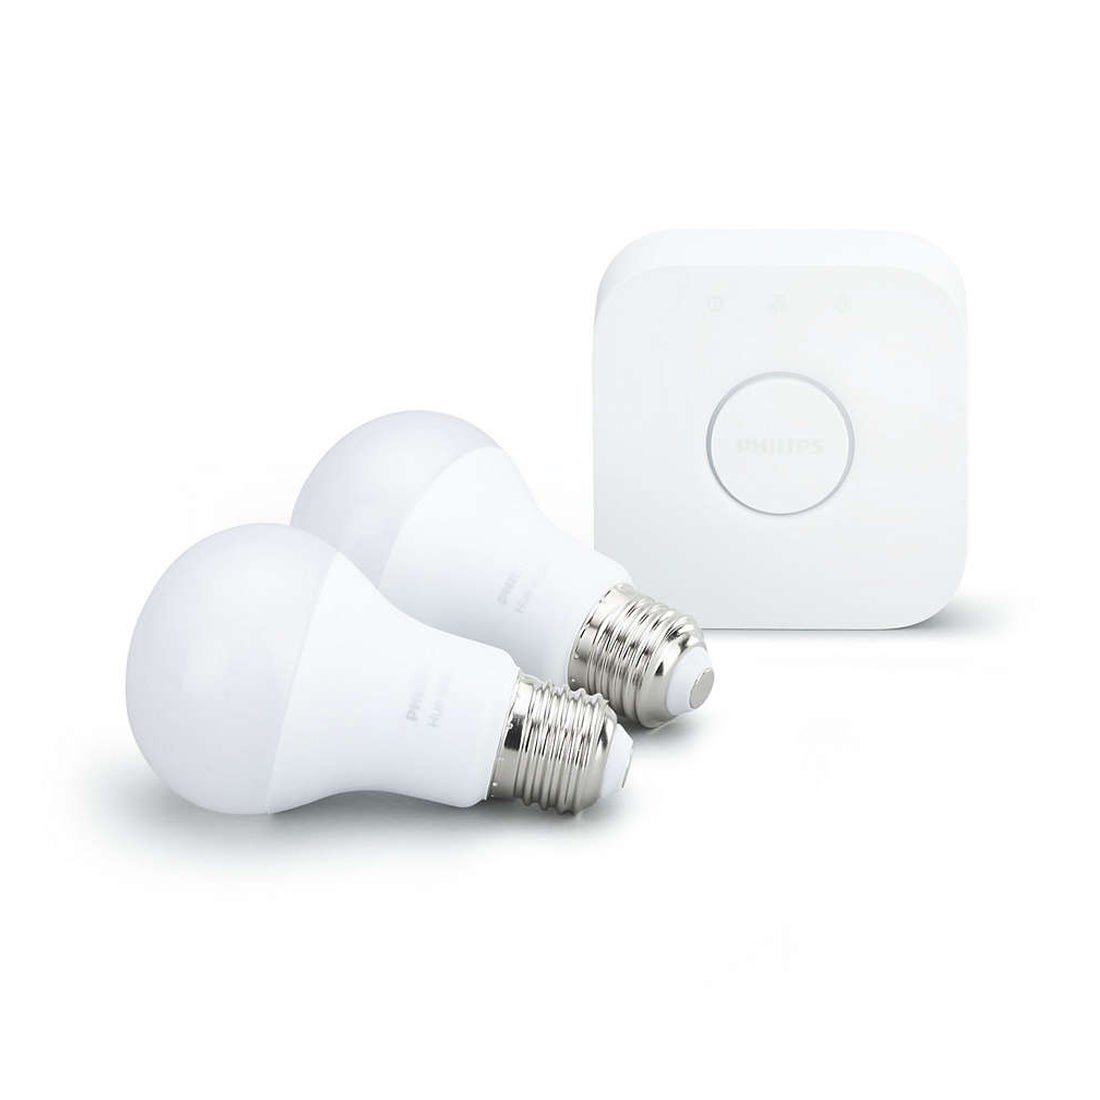 Phillips Smart Bulbs Kit